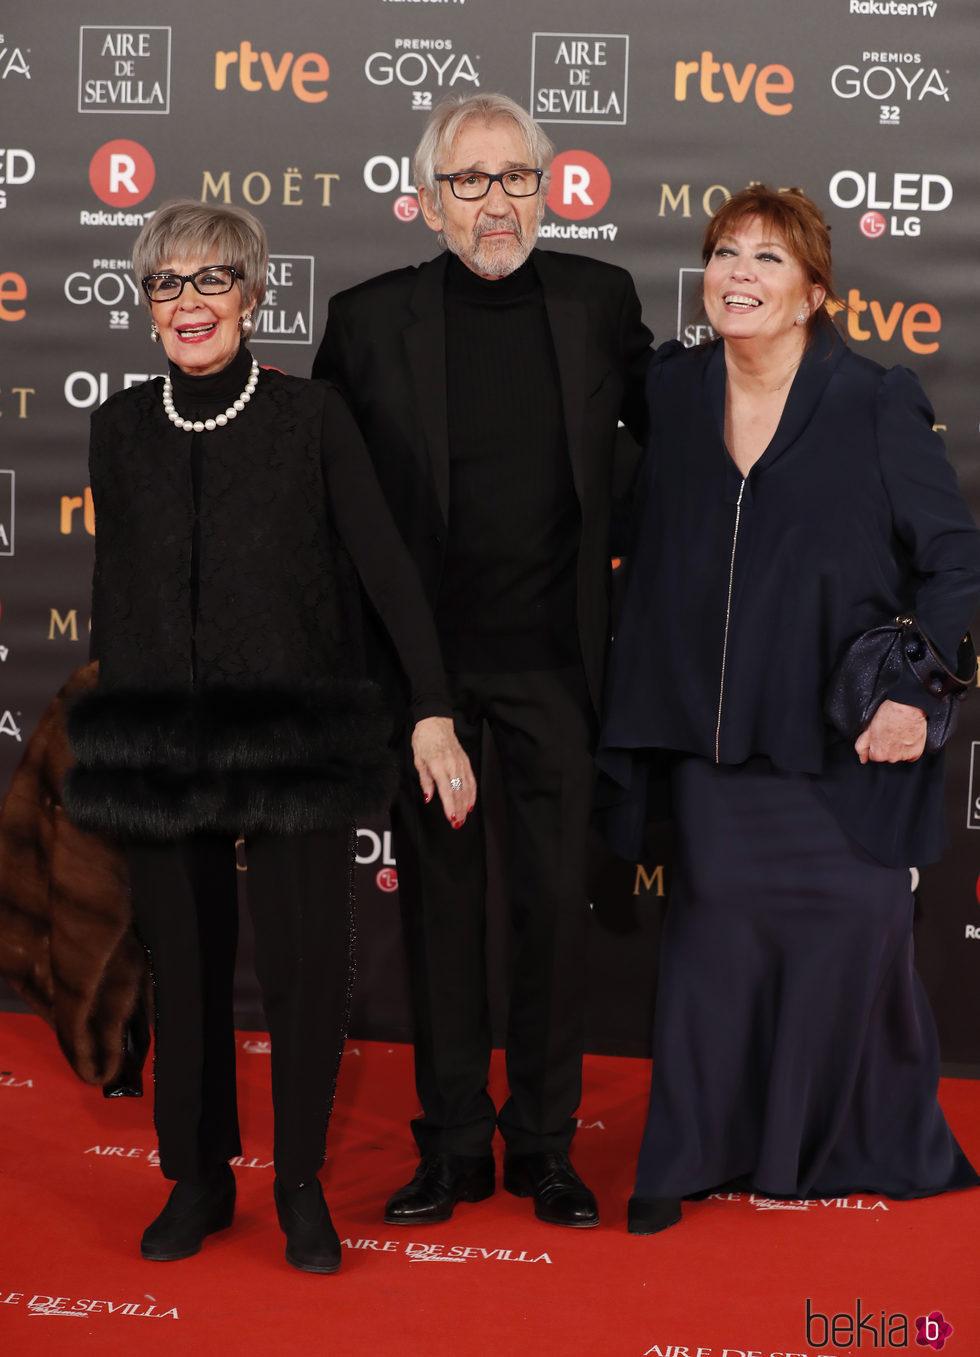 Concha Velasco, José Sacristán y Mercedes Sampietro en la alfombra roja de los Premios Goya 2018